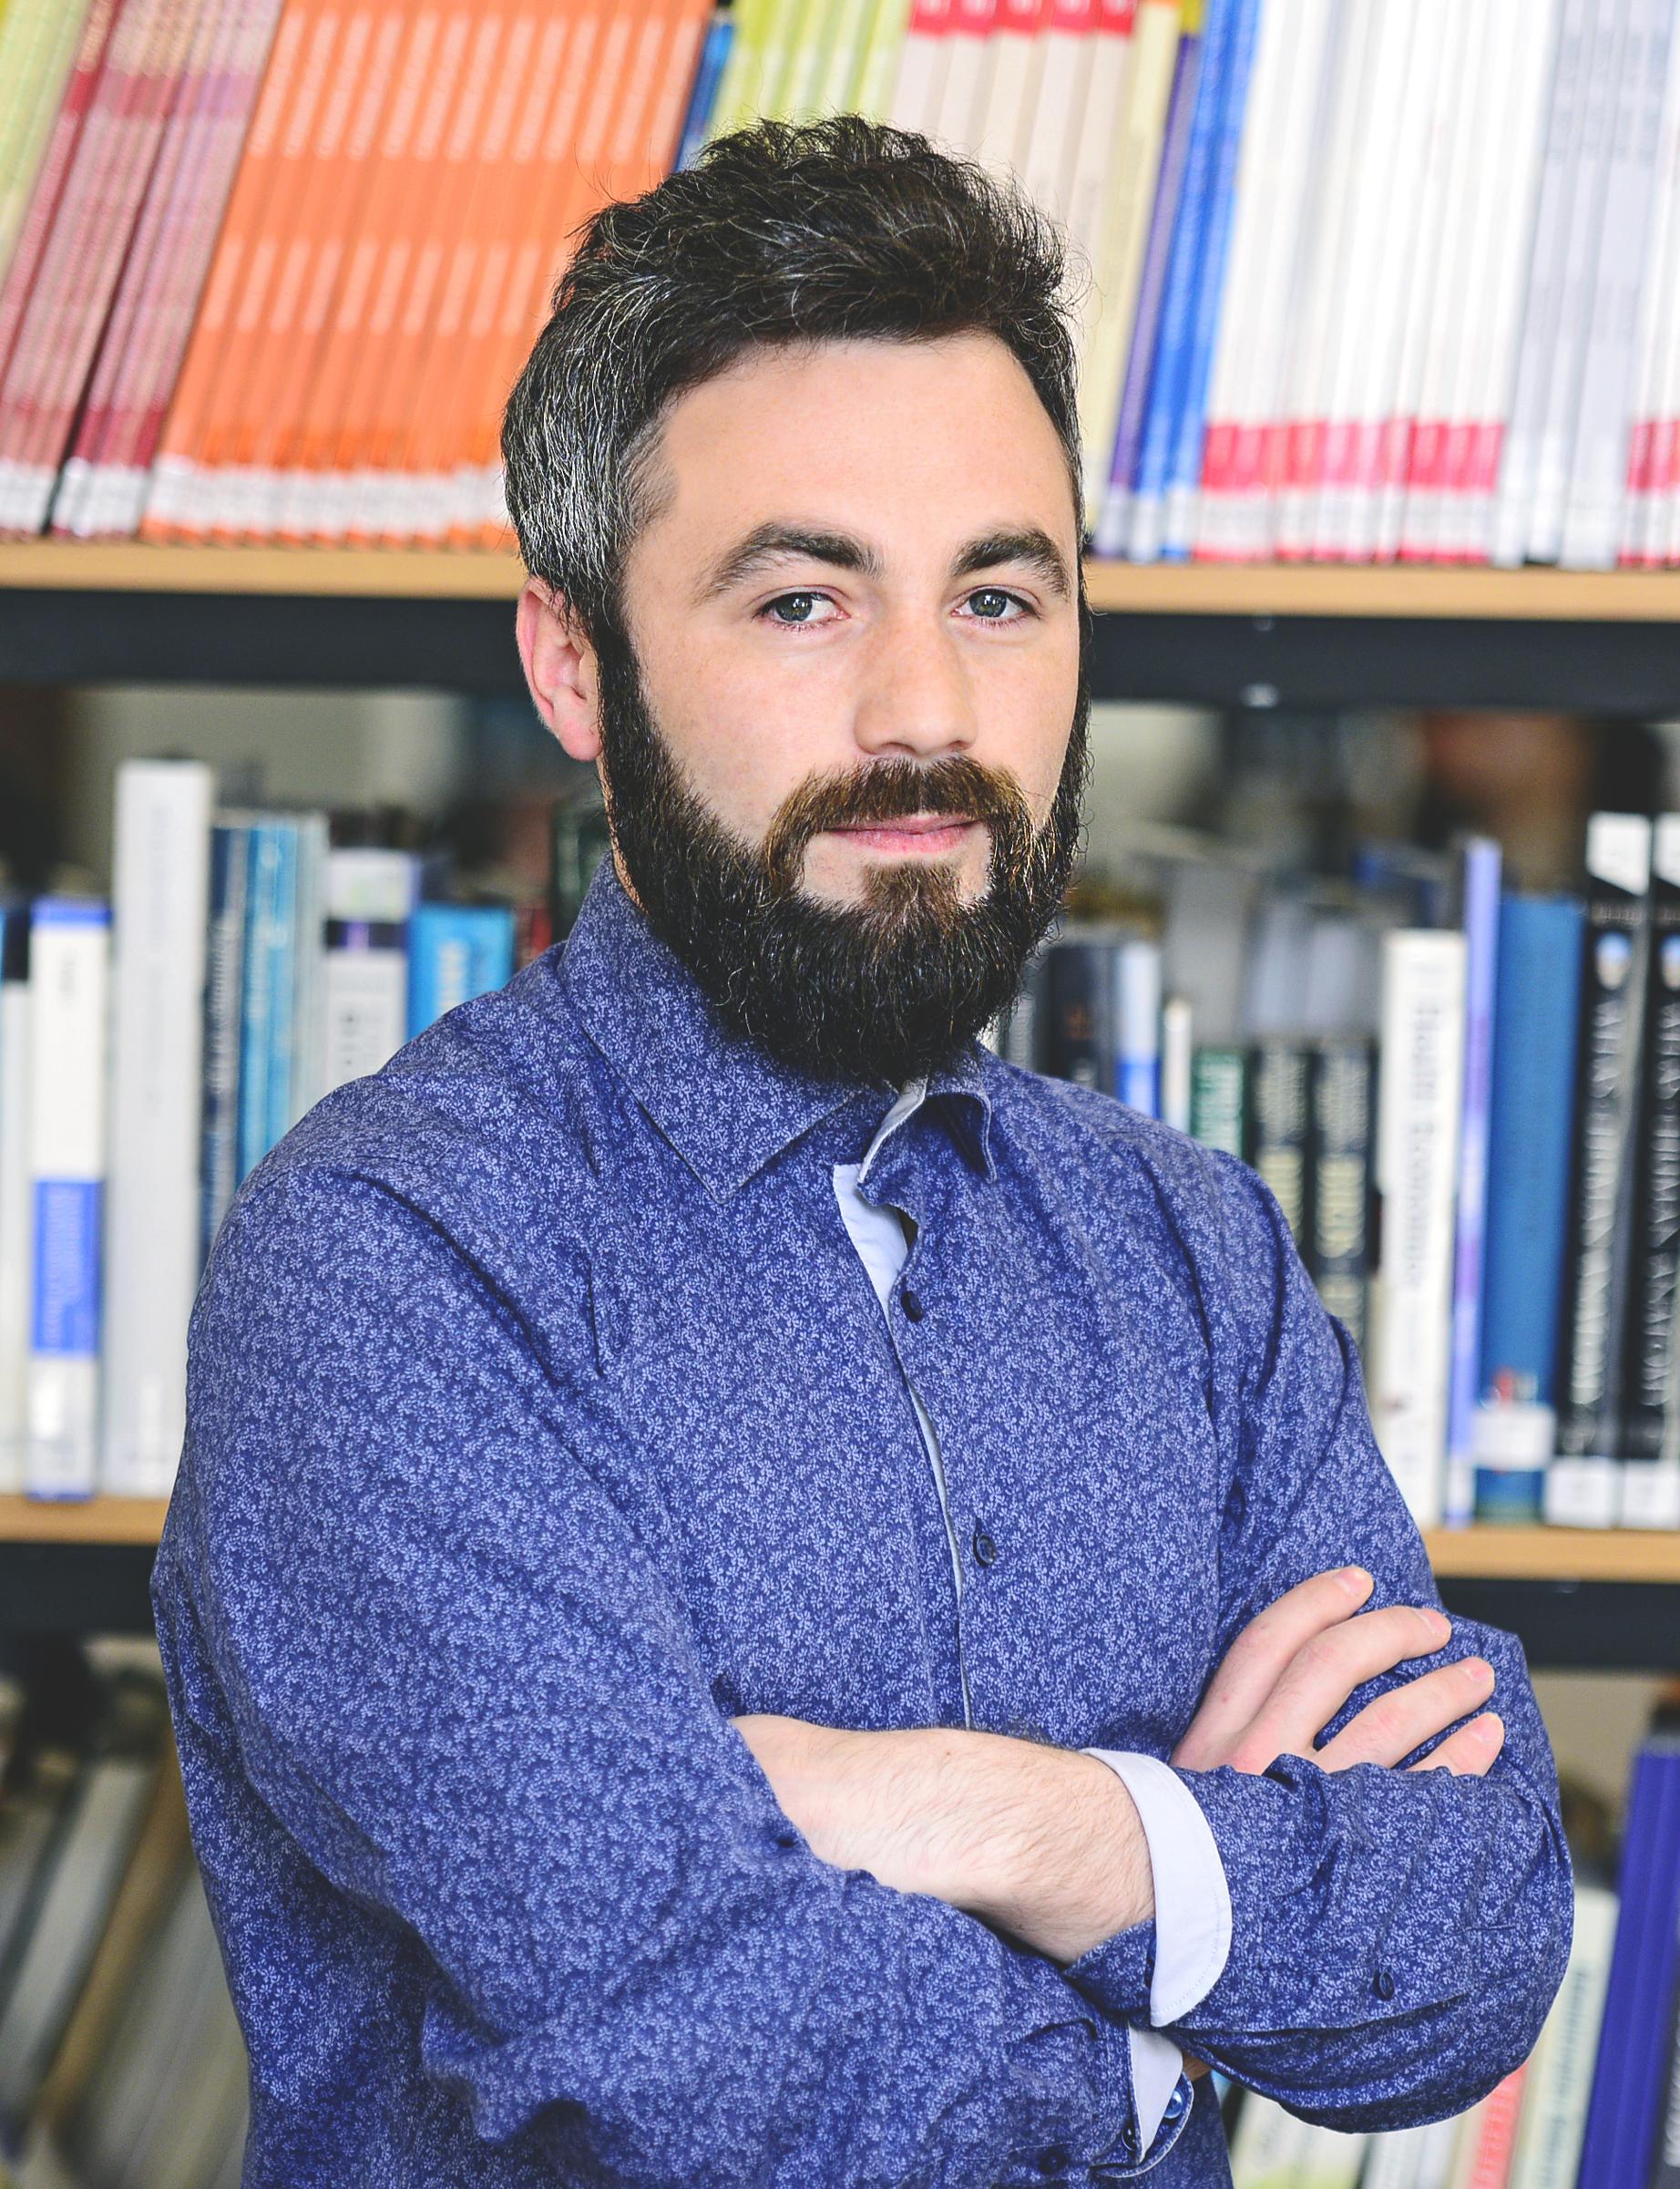 ბიბლიოთეკარი – იაგო თვალაბეიშვილი iago.tvalabeishvili.1@iliauni.edu.ge